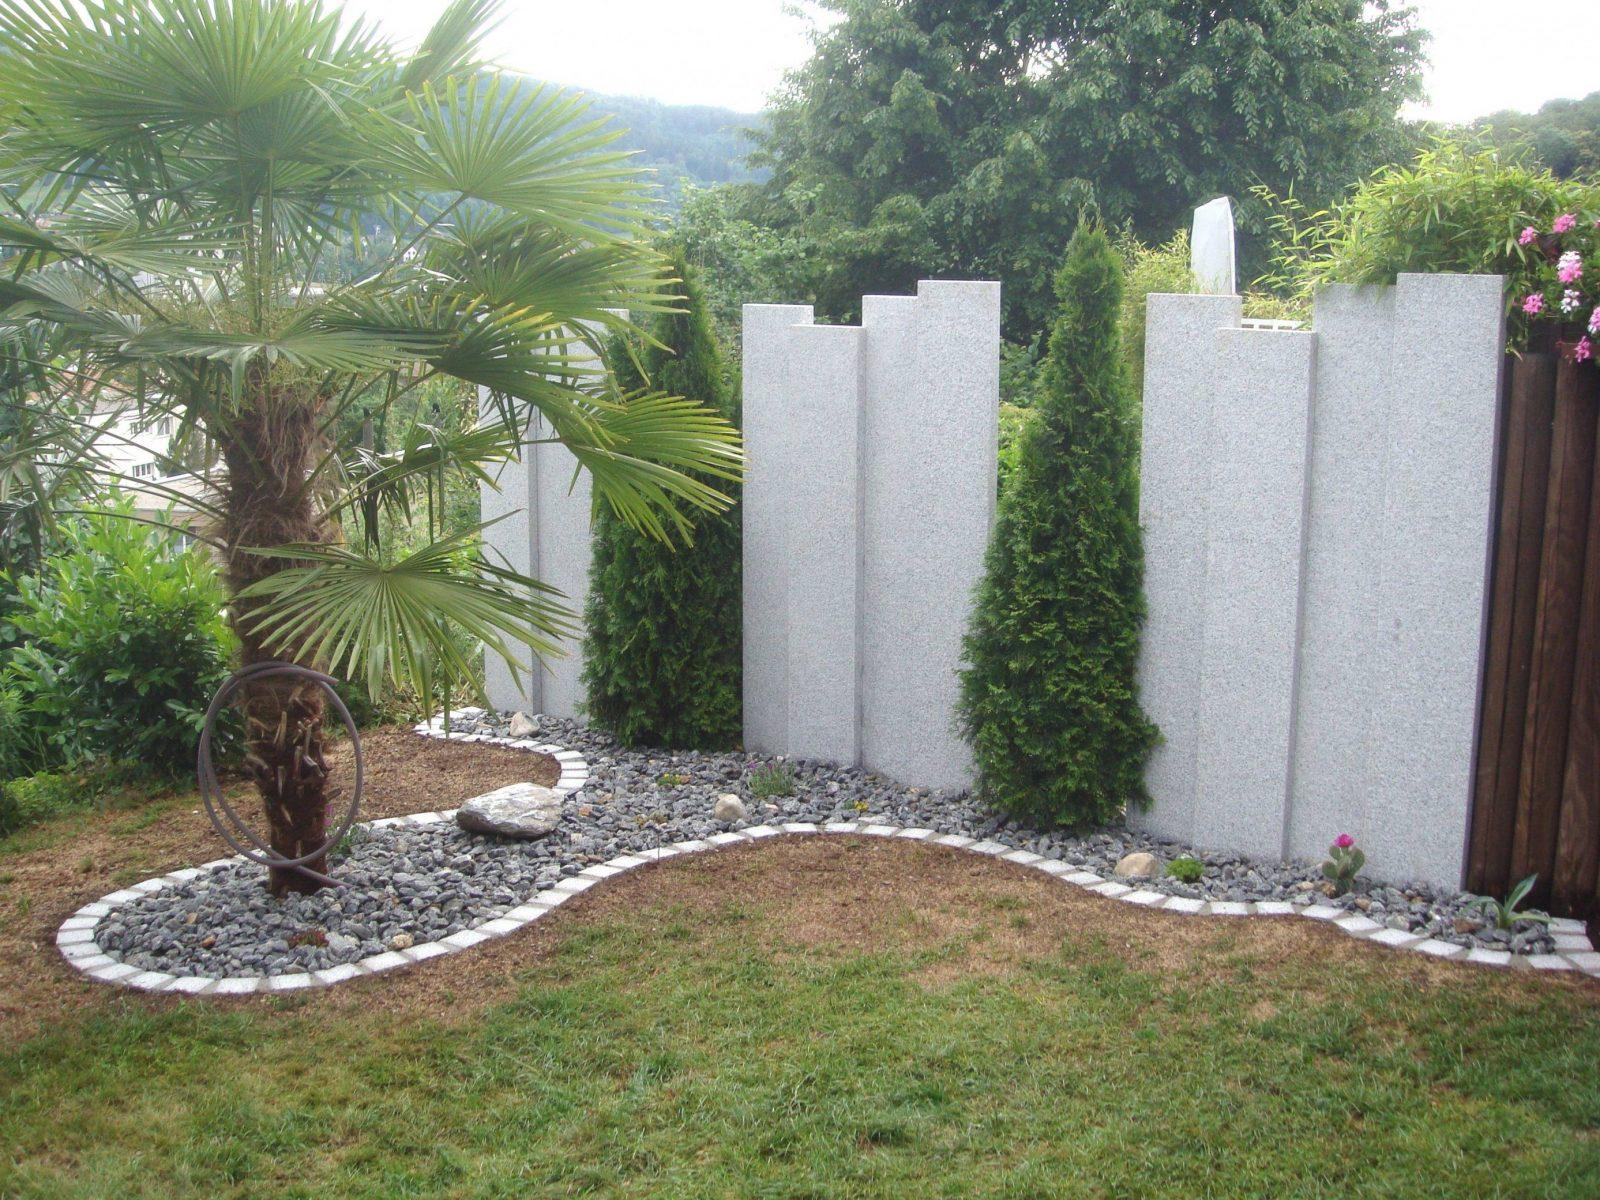 Fantastisch 40 Deko Ideen Mit Steinen Im Garten Design Ideen Von